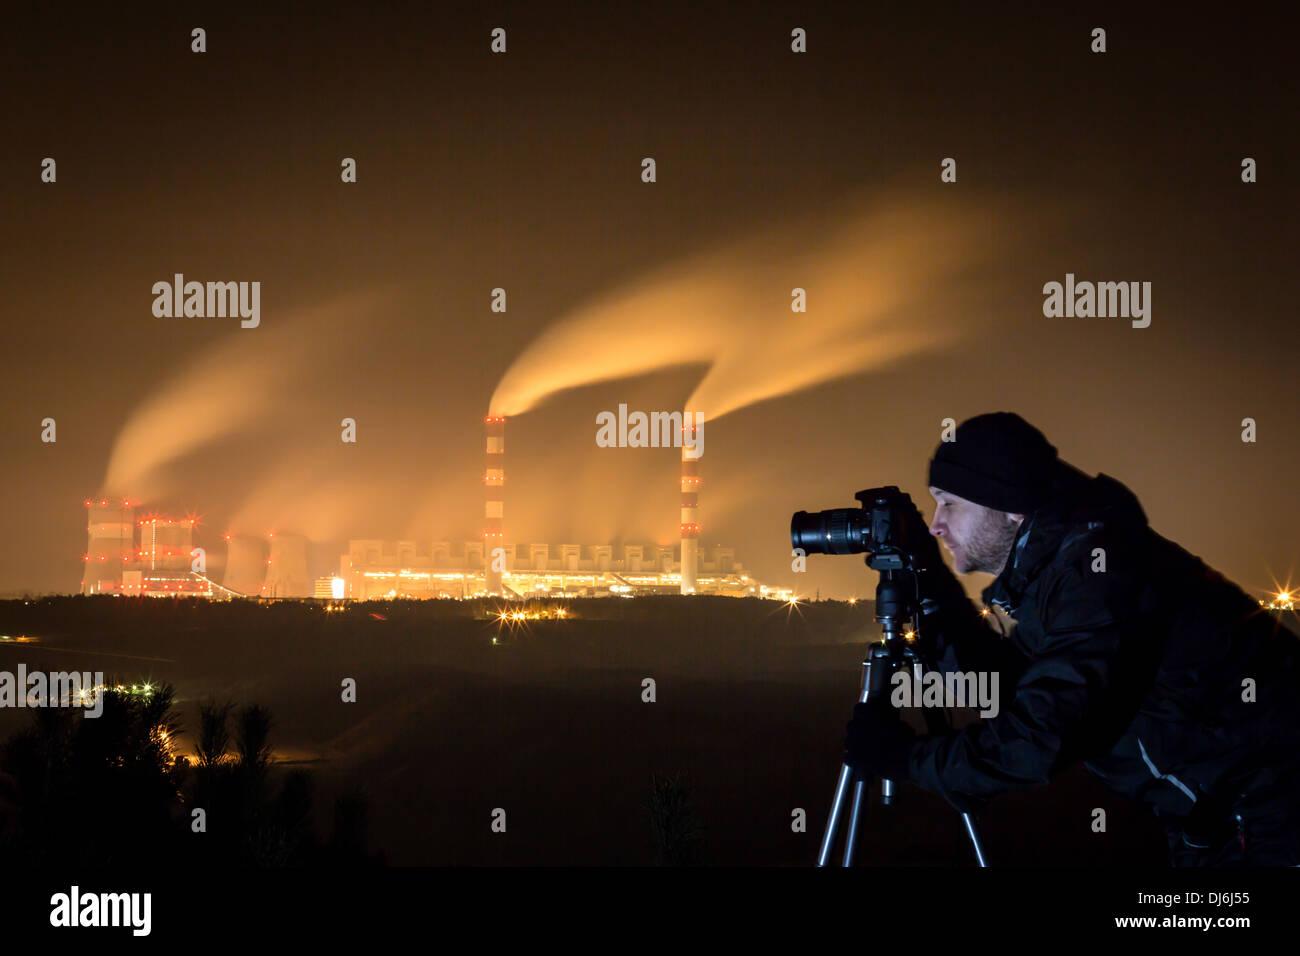 La photographie de nuit - Belchatow en Pologne. Banque D'Images